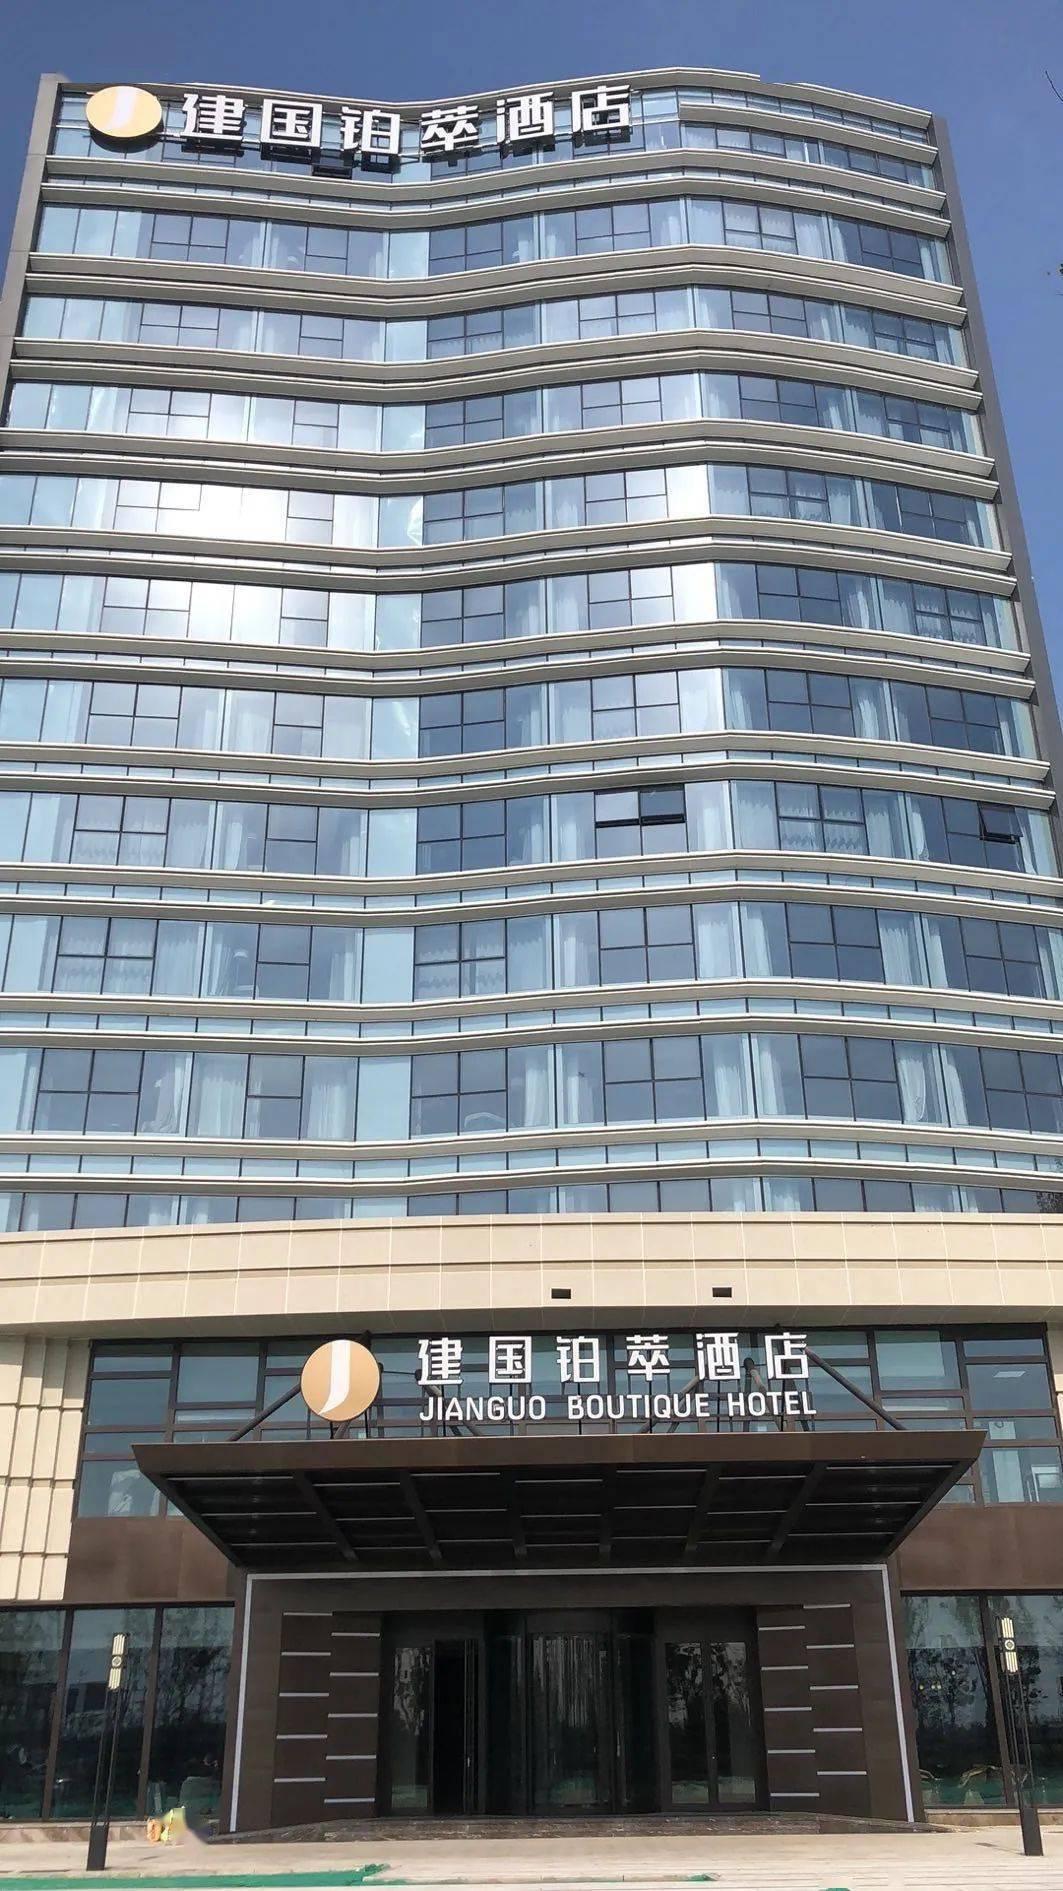 实探:副中心新添一高端酒店!紧邻环球影城,月底开业